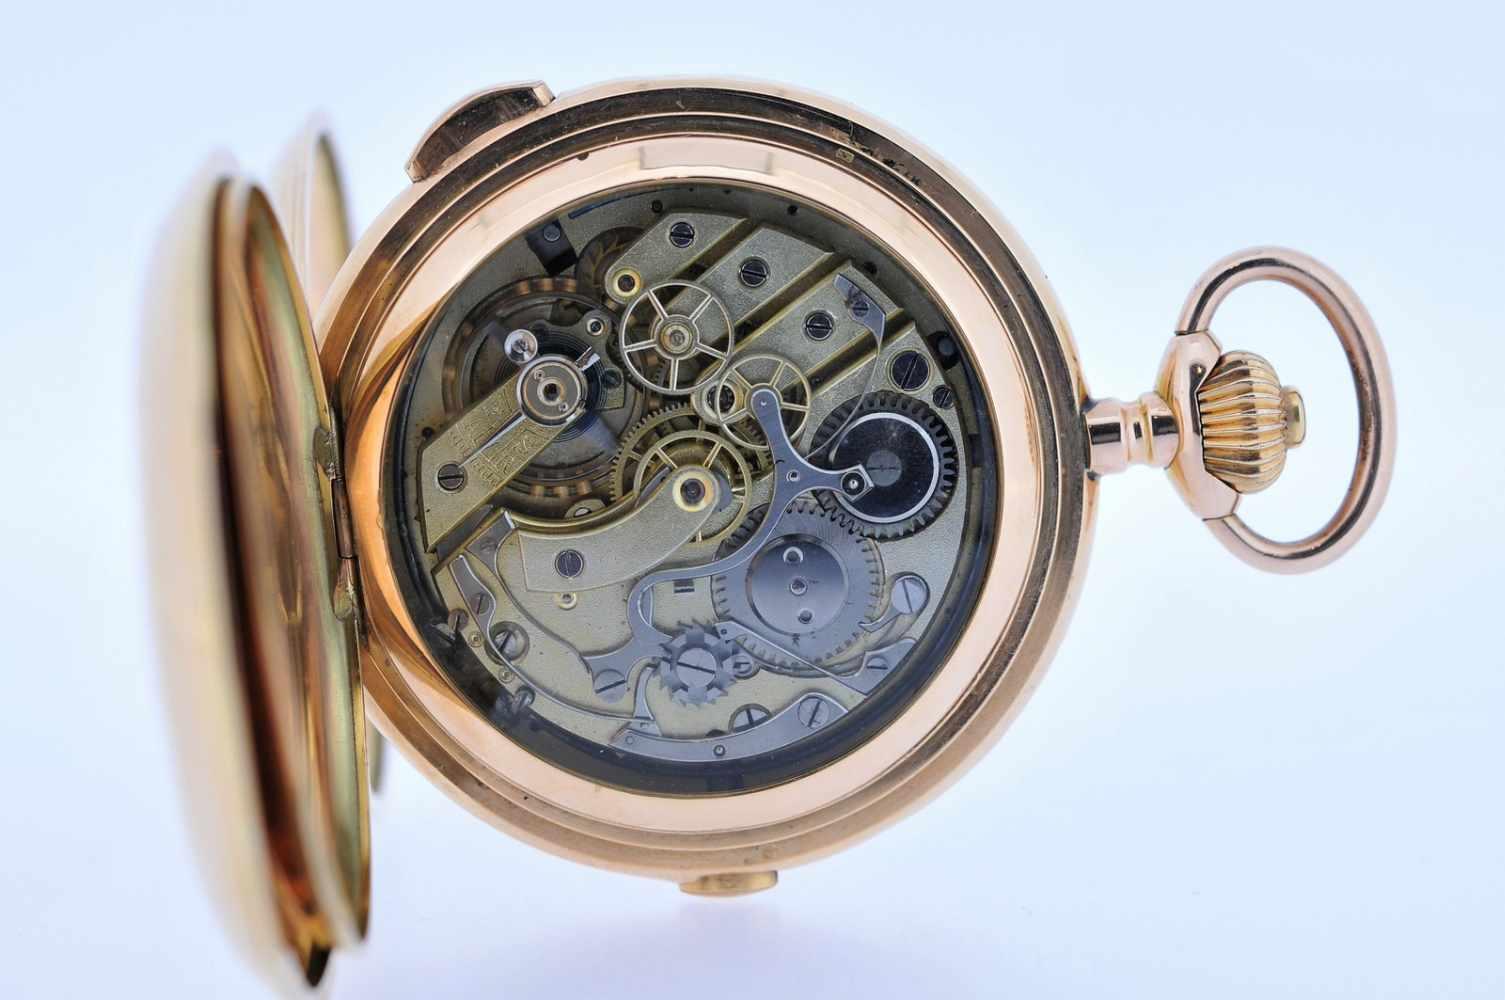 Viertelstundenrepetierer Goldene Taschenuhr mit Viertelstundenschlagwerk, kleiner Sekunde und - Bild 3 aus 4